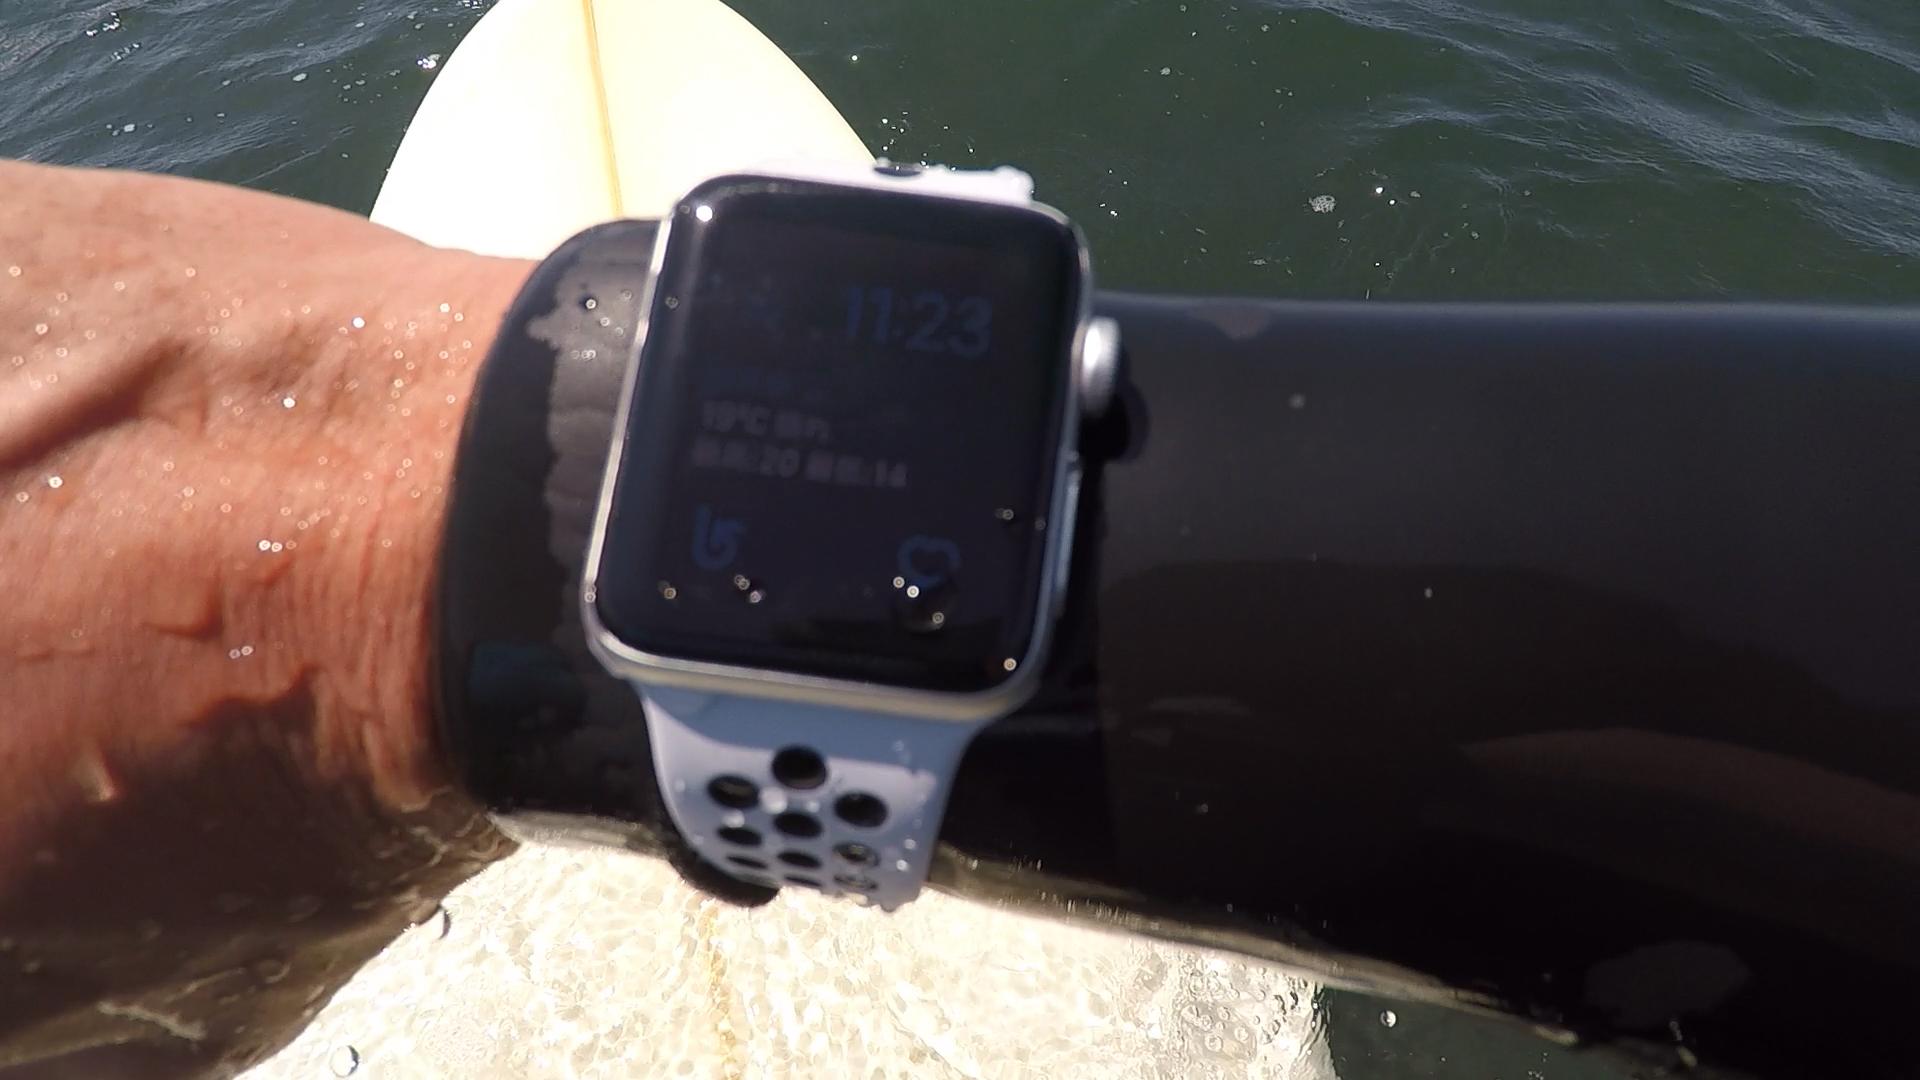 アップル ウォッチ サーフィン